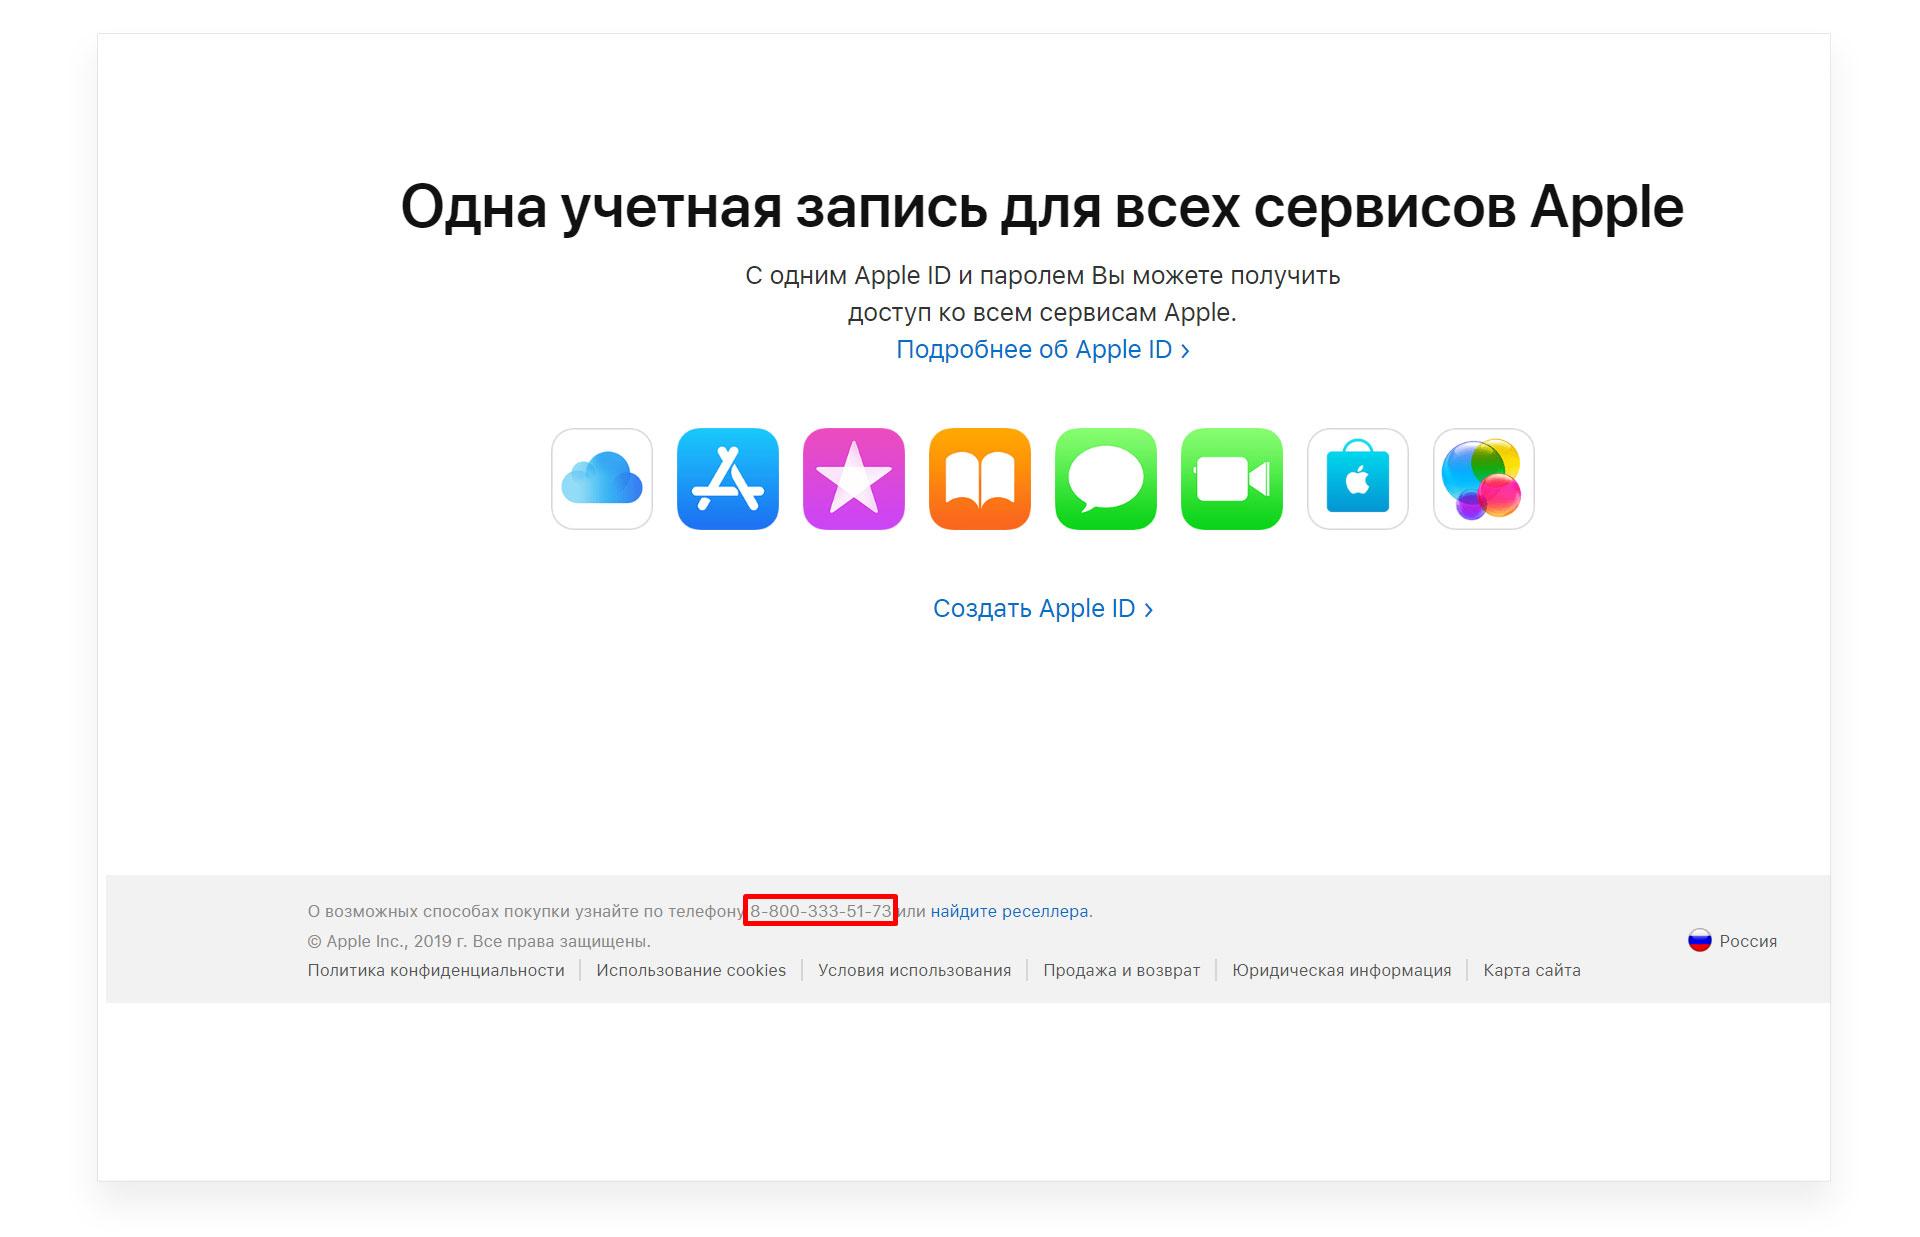 звонок-в-службу-поддержки-apple